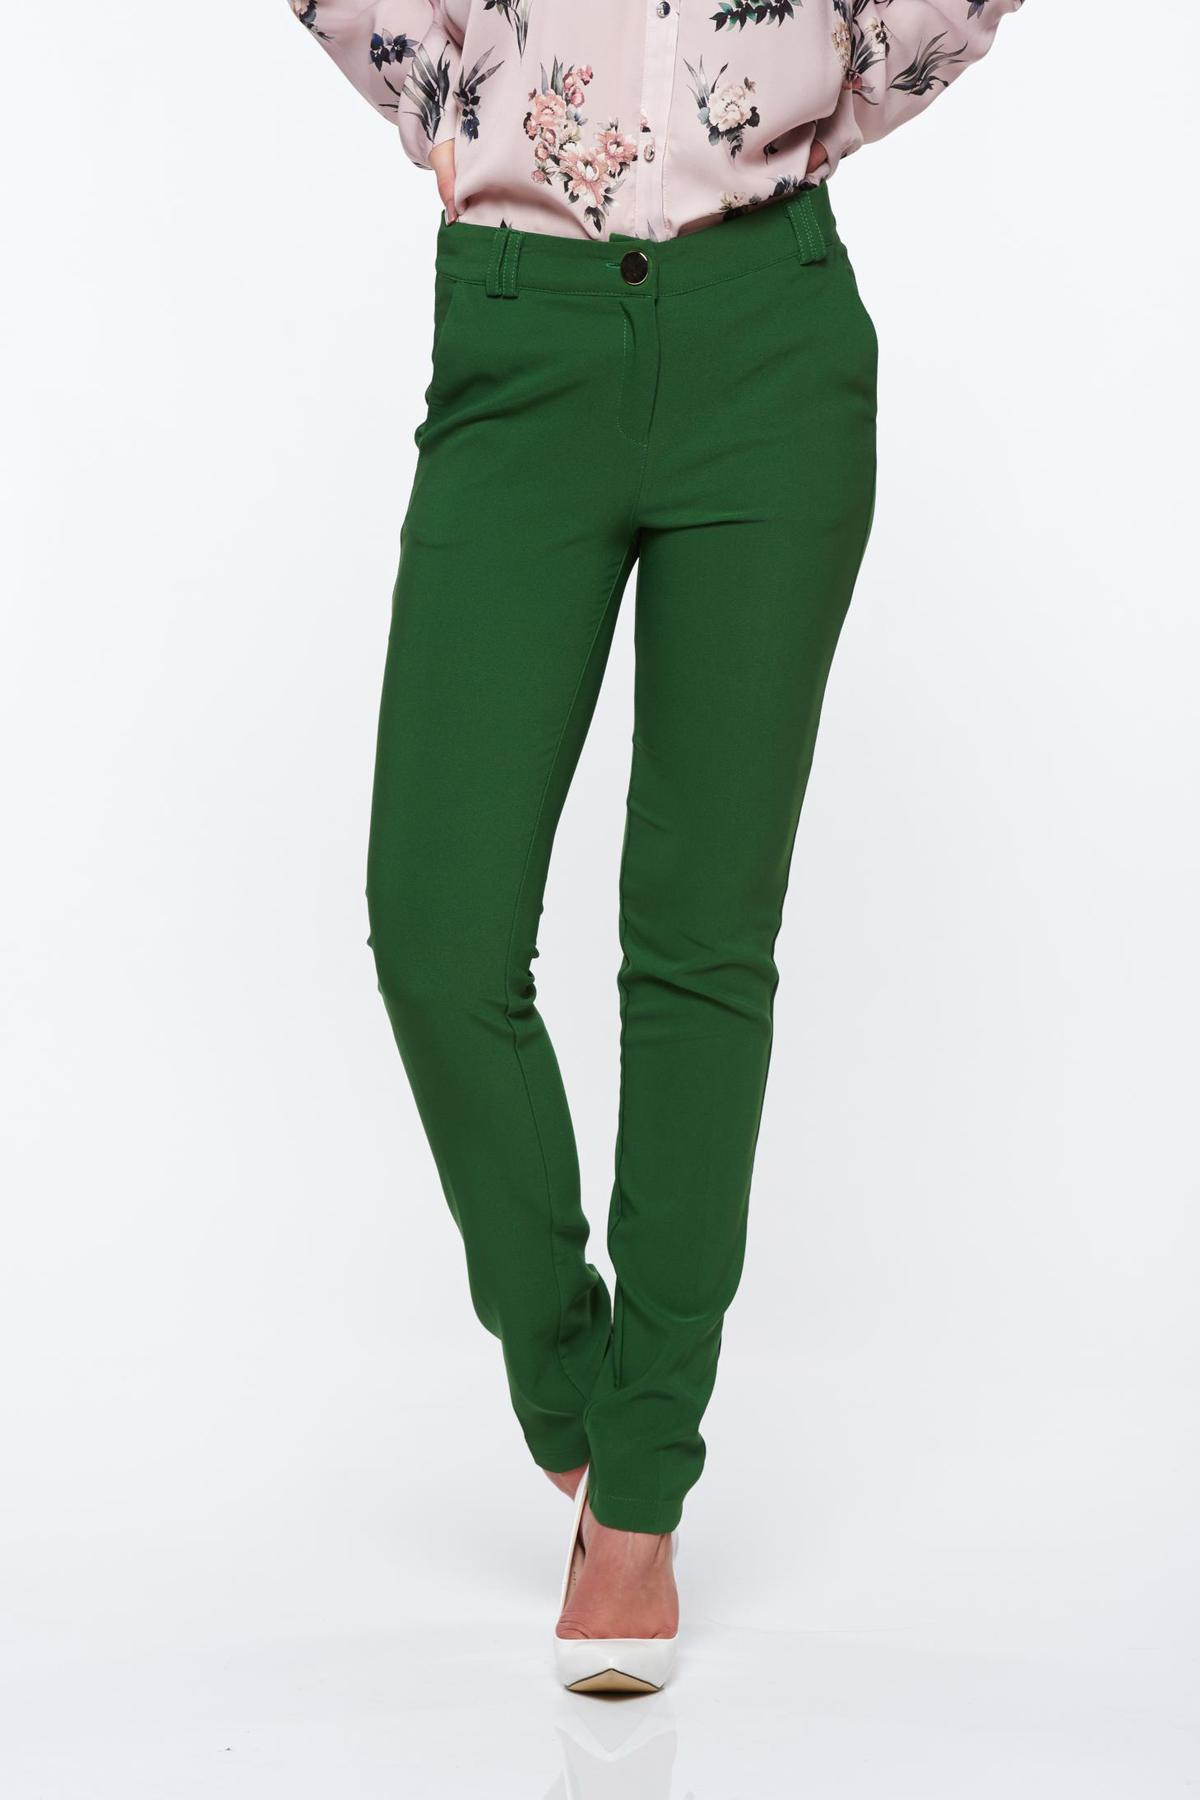 e03b851076 Zöld PrettyGirl elegáns kónikus nadrág zsebes enyhén rugalmas anyag ...